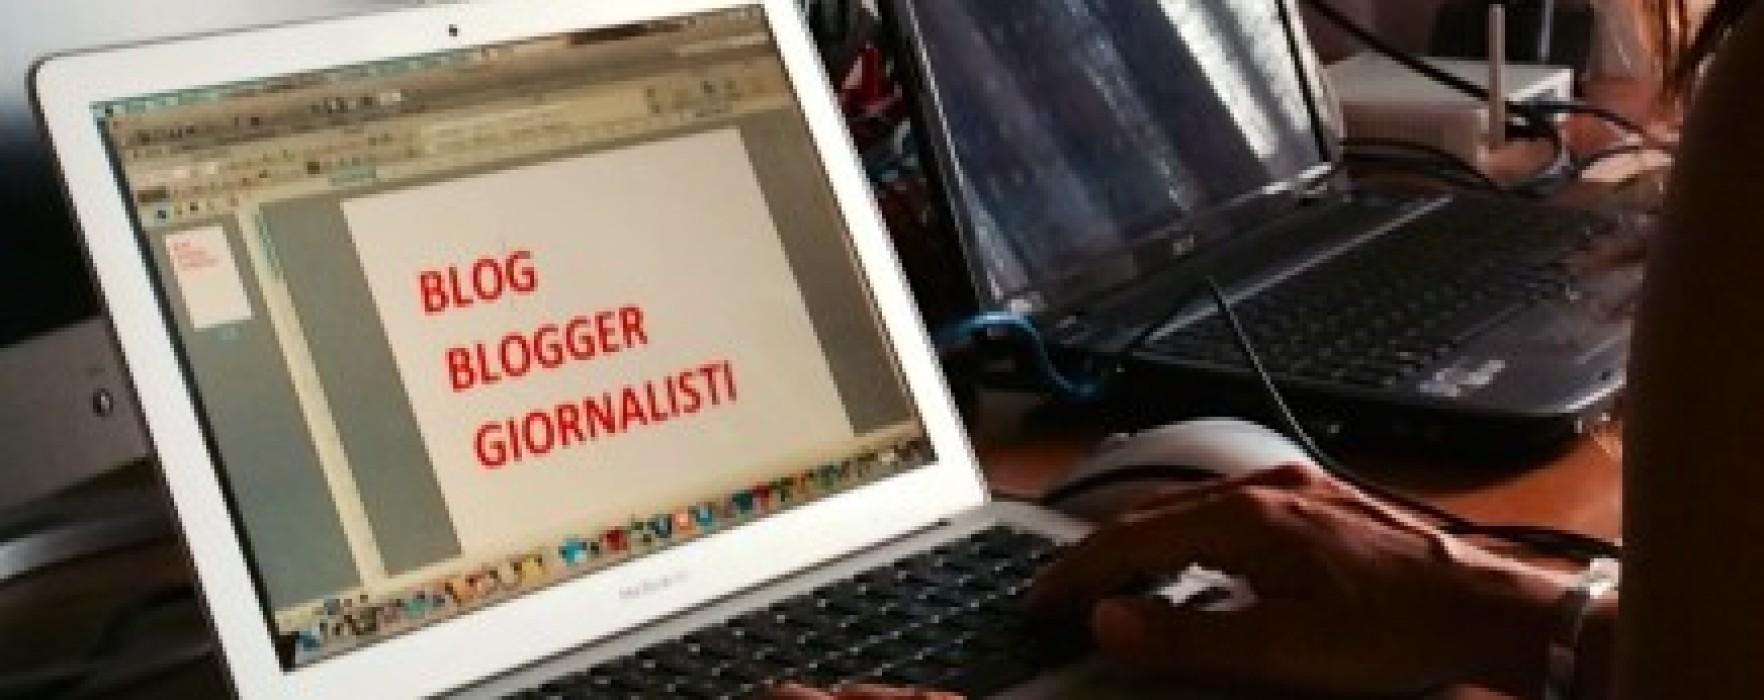 Giornalista e blogger, quale futuro?